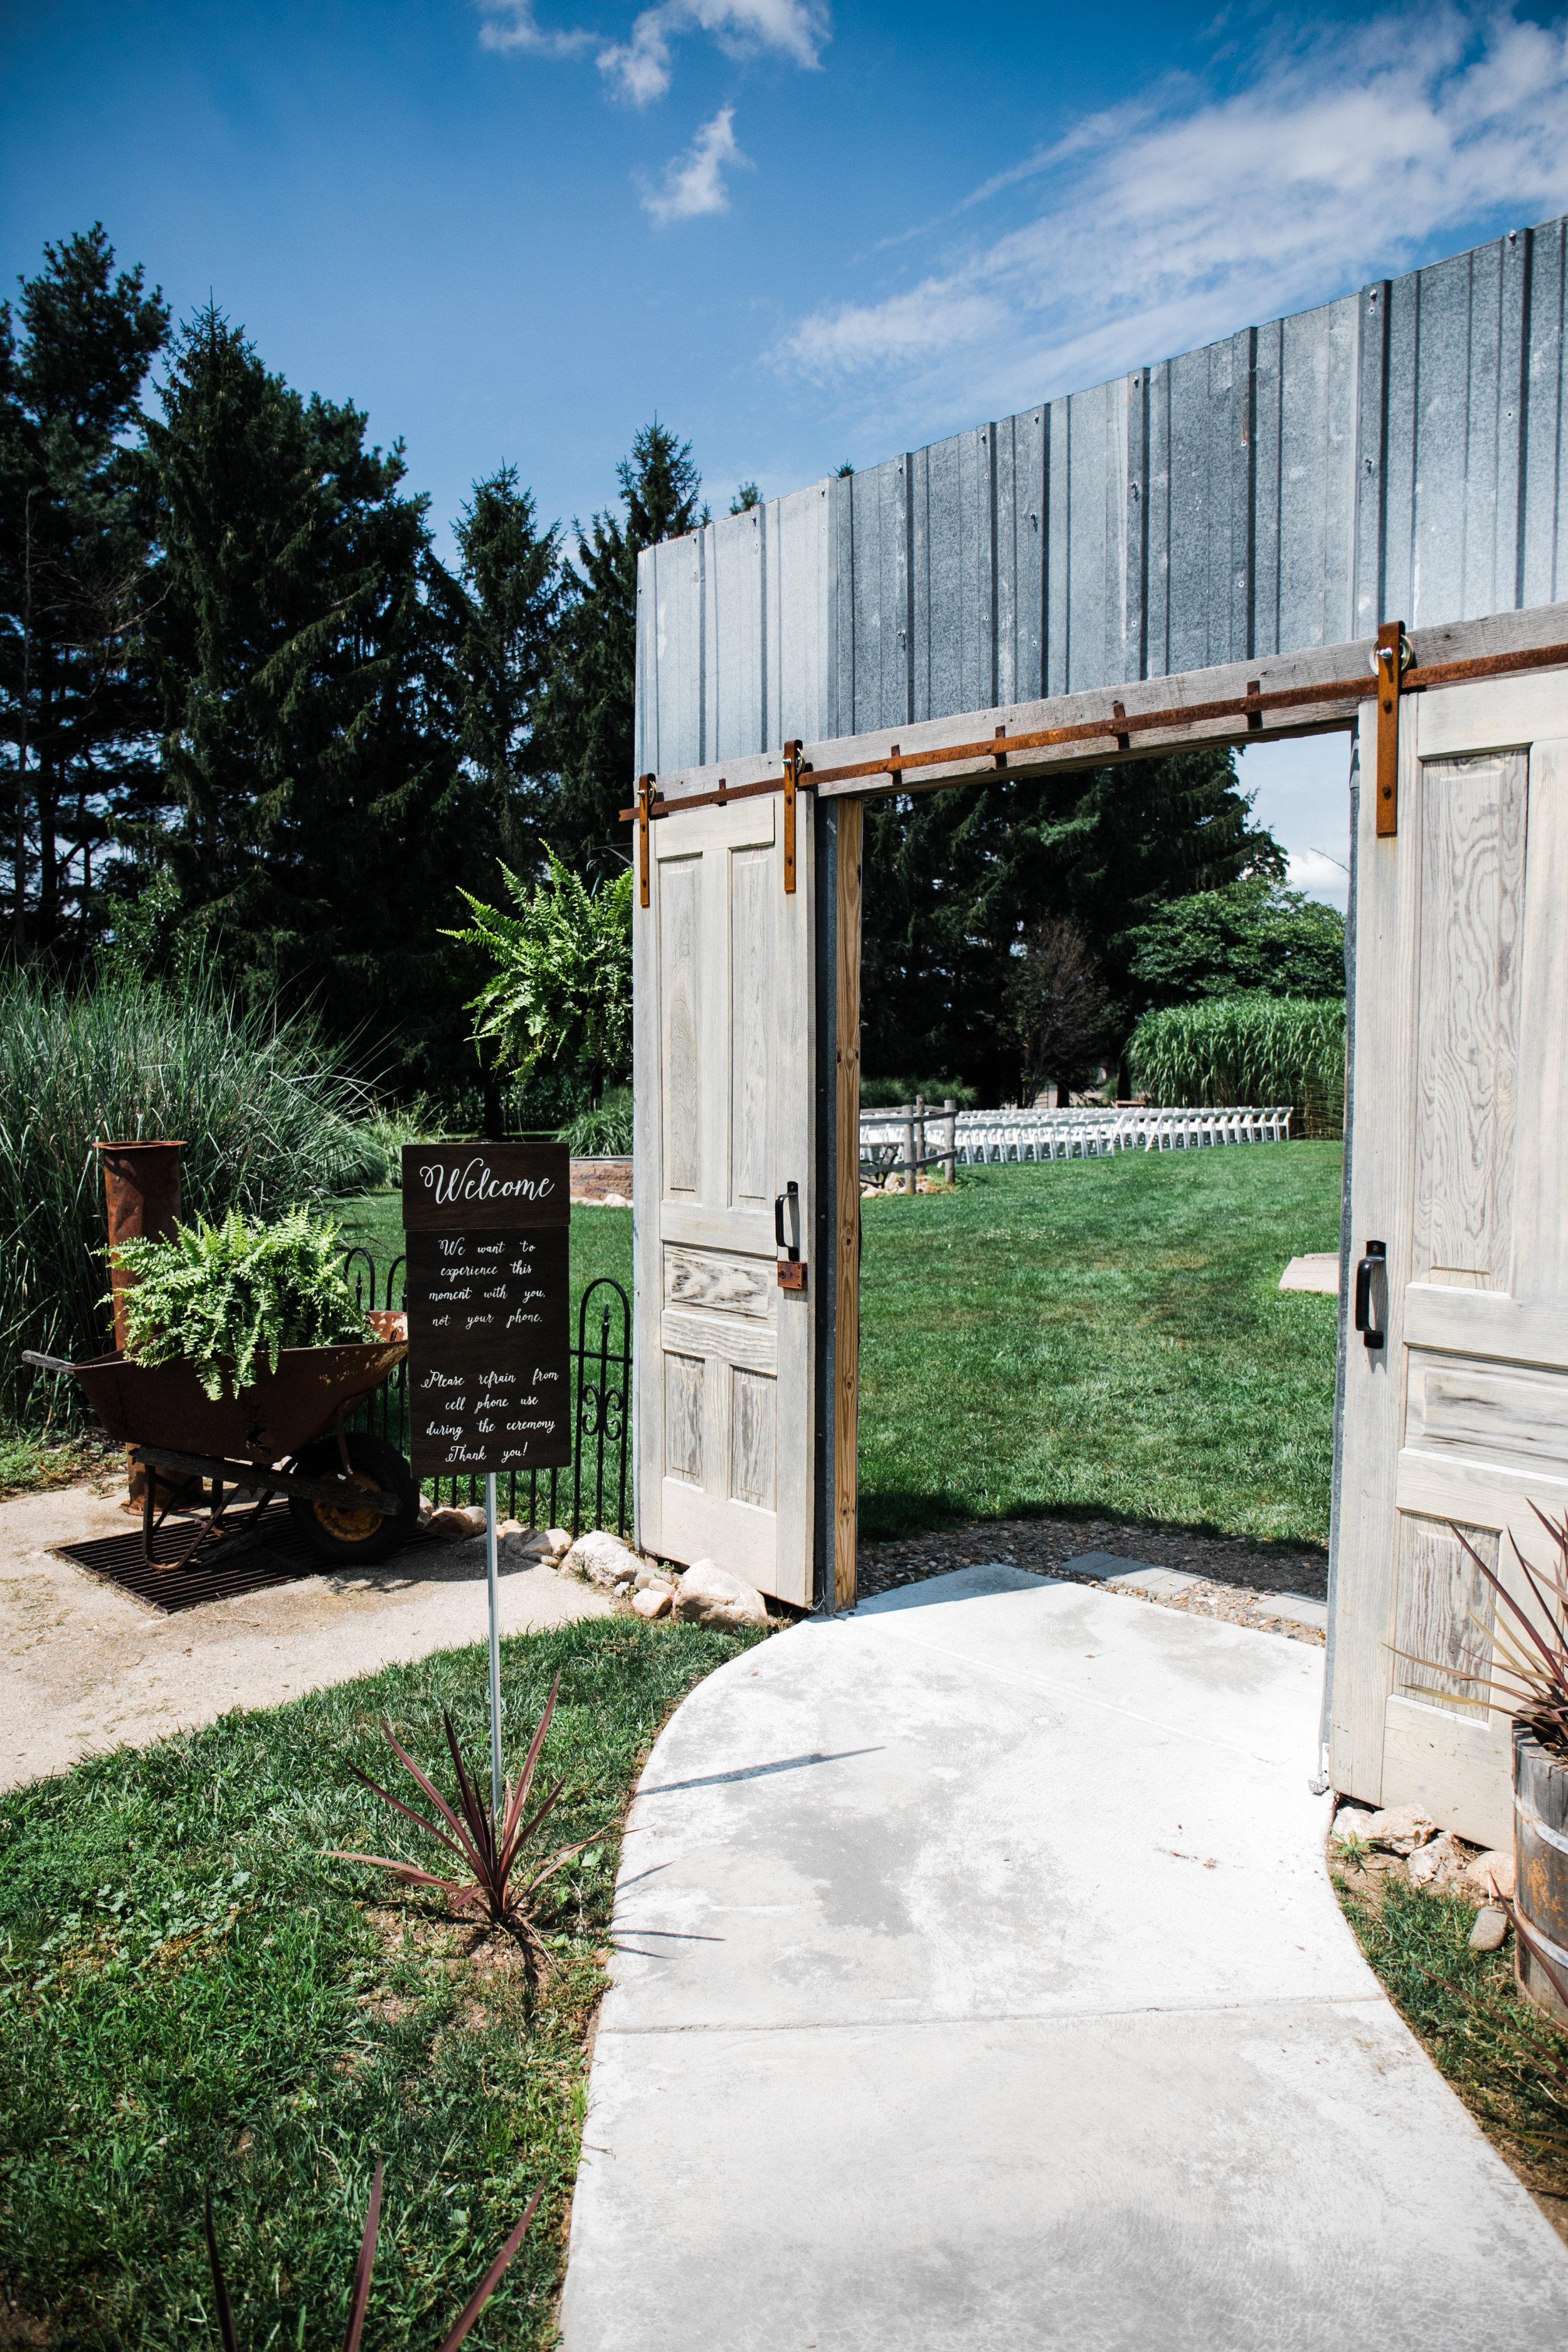 Res Les Farms Wedding Venue | East Leroy, Michigan | Rustic Wedding Venue